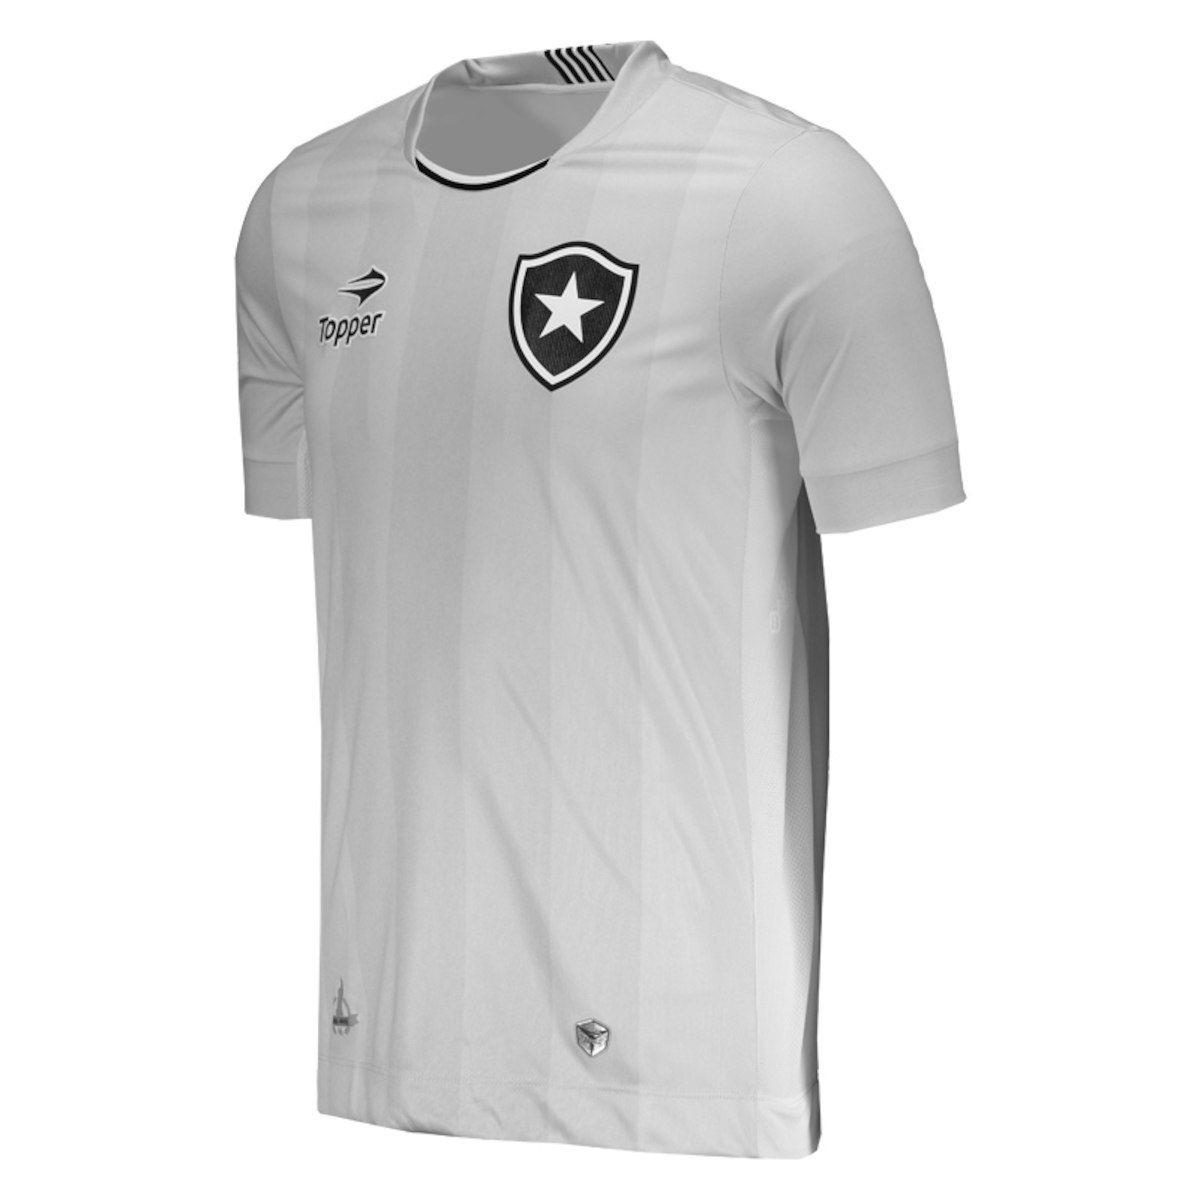 a336fb87c417a camisa botafogo 2016 17 topper oficial sem numero -s  juros. Carregando  zoom.